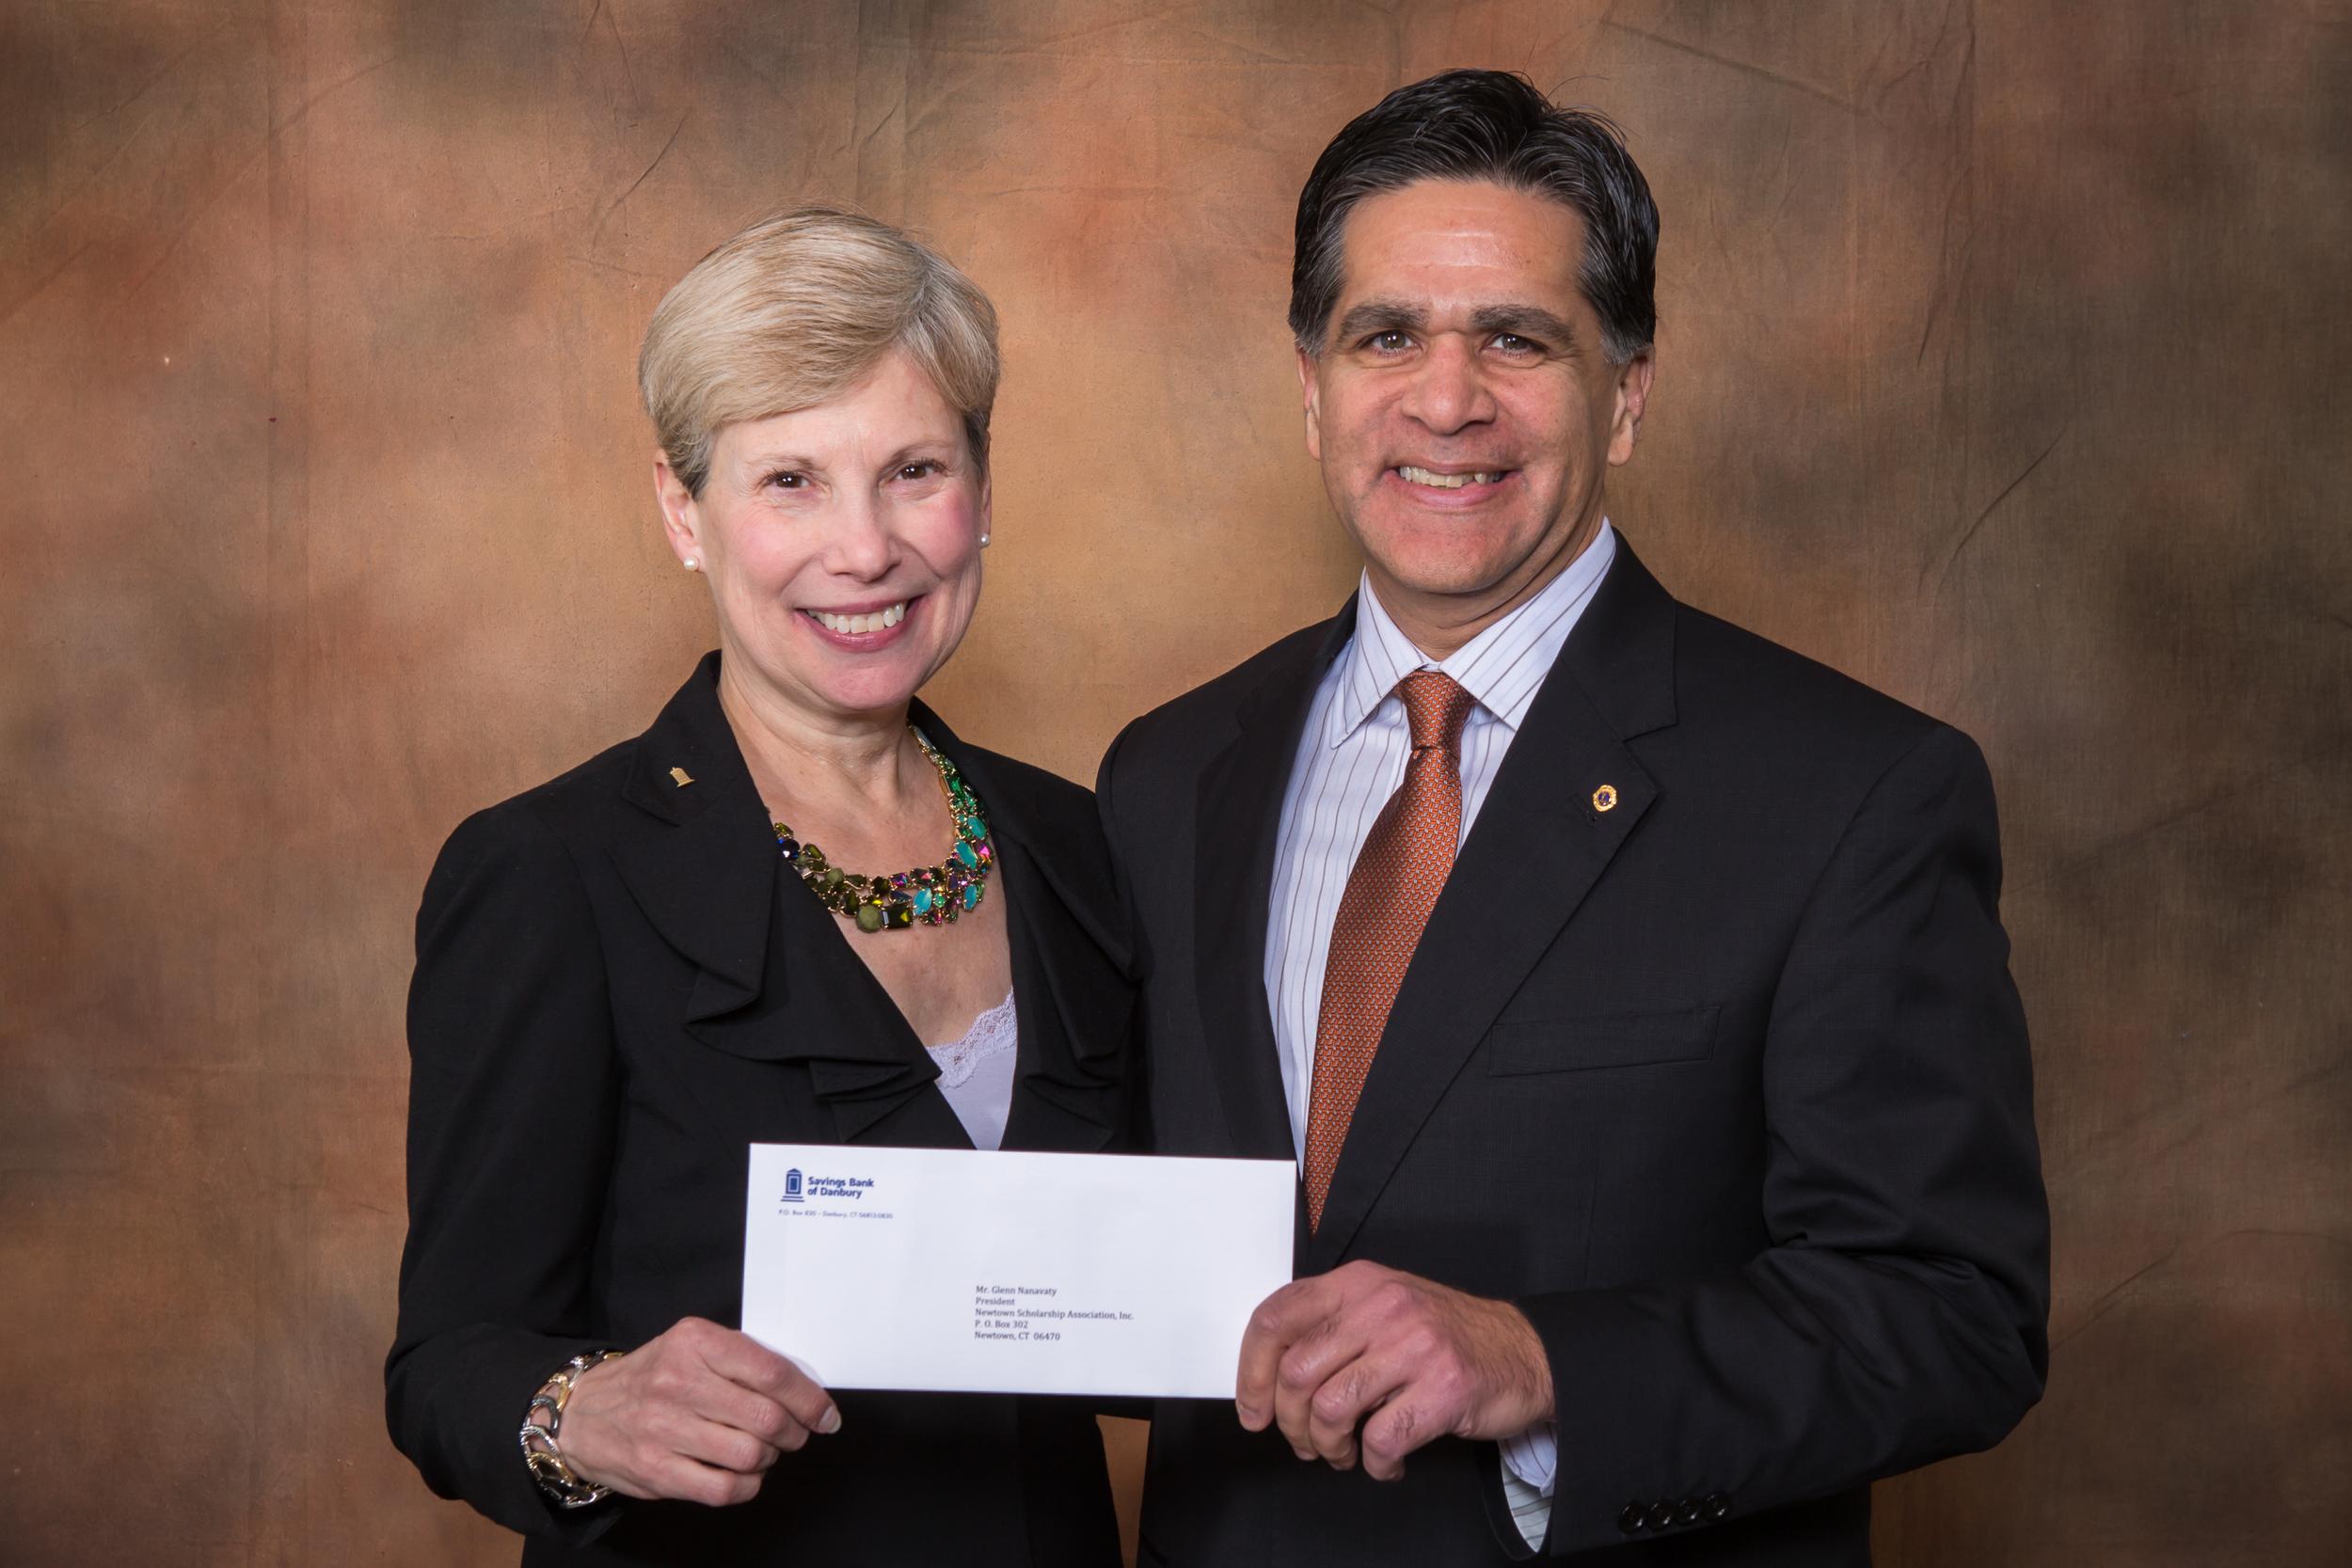 Beth Ann Fetzer, Community Development Officer/AVP of Savings Bank of Danbury presents a check for $2,500 to Glenn Nanavaty, Board President and Treasurer for Newtown Scholarship Association.